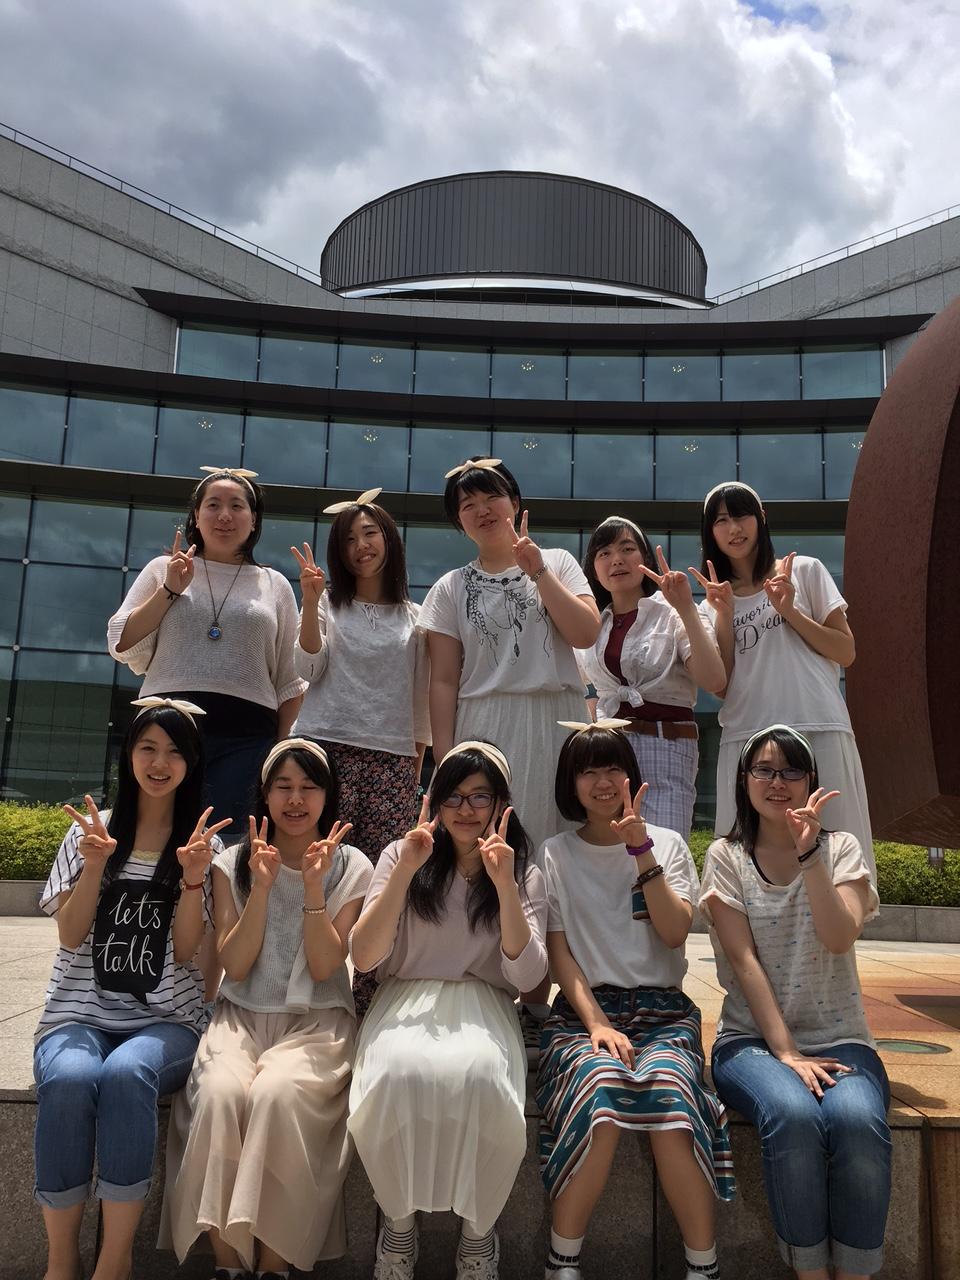 8月28日オープンキャンパス!新しい文学部をご紹介します。